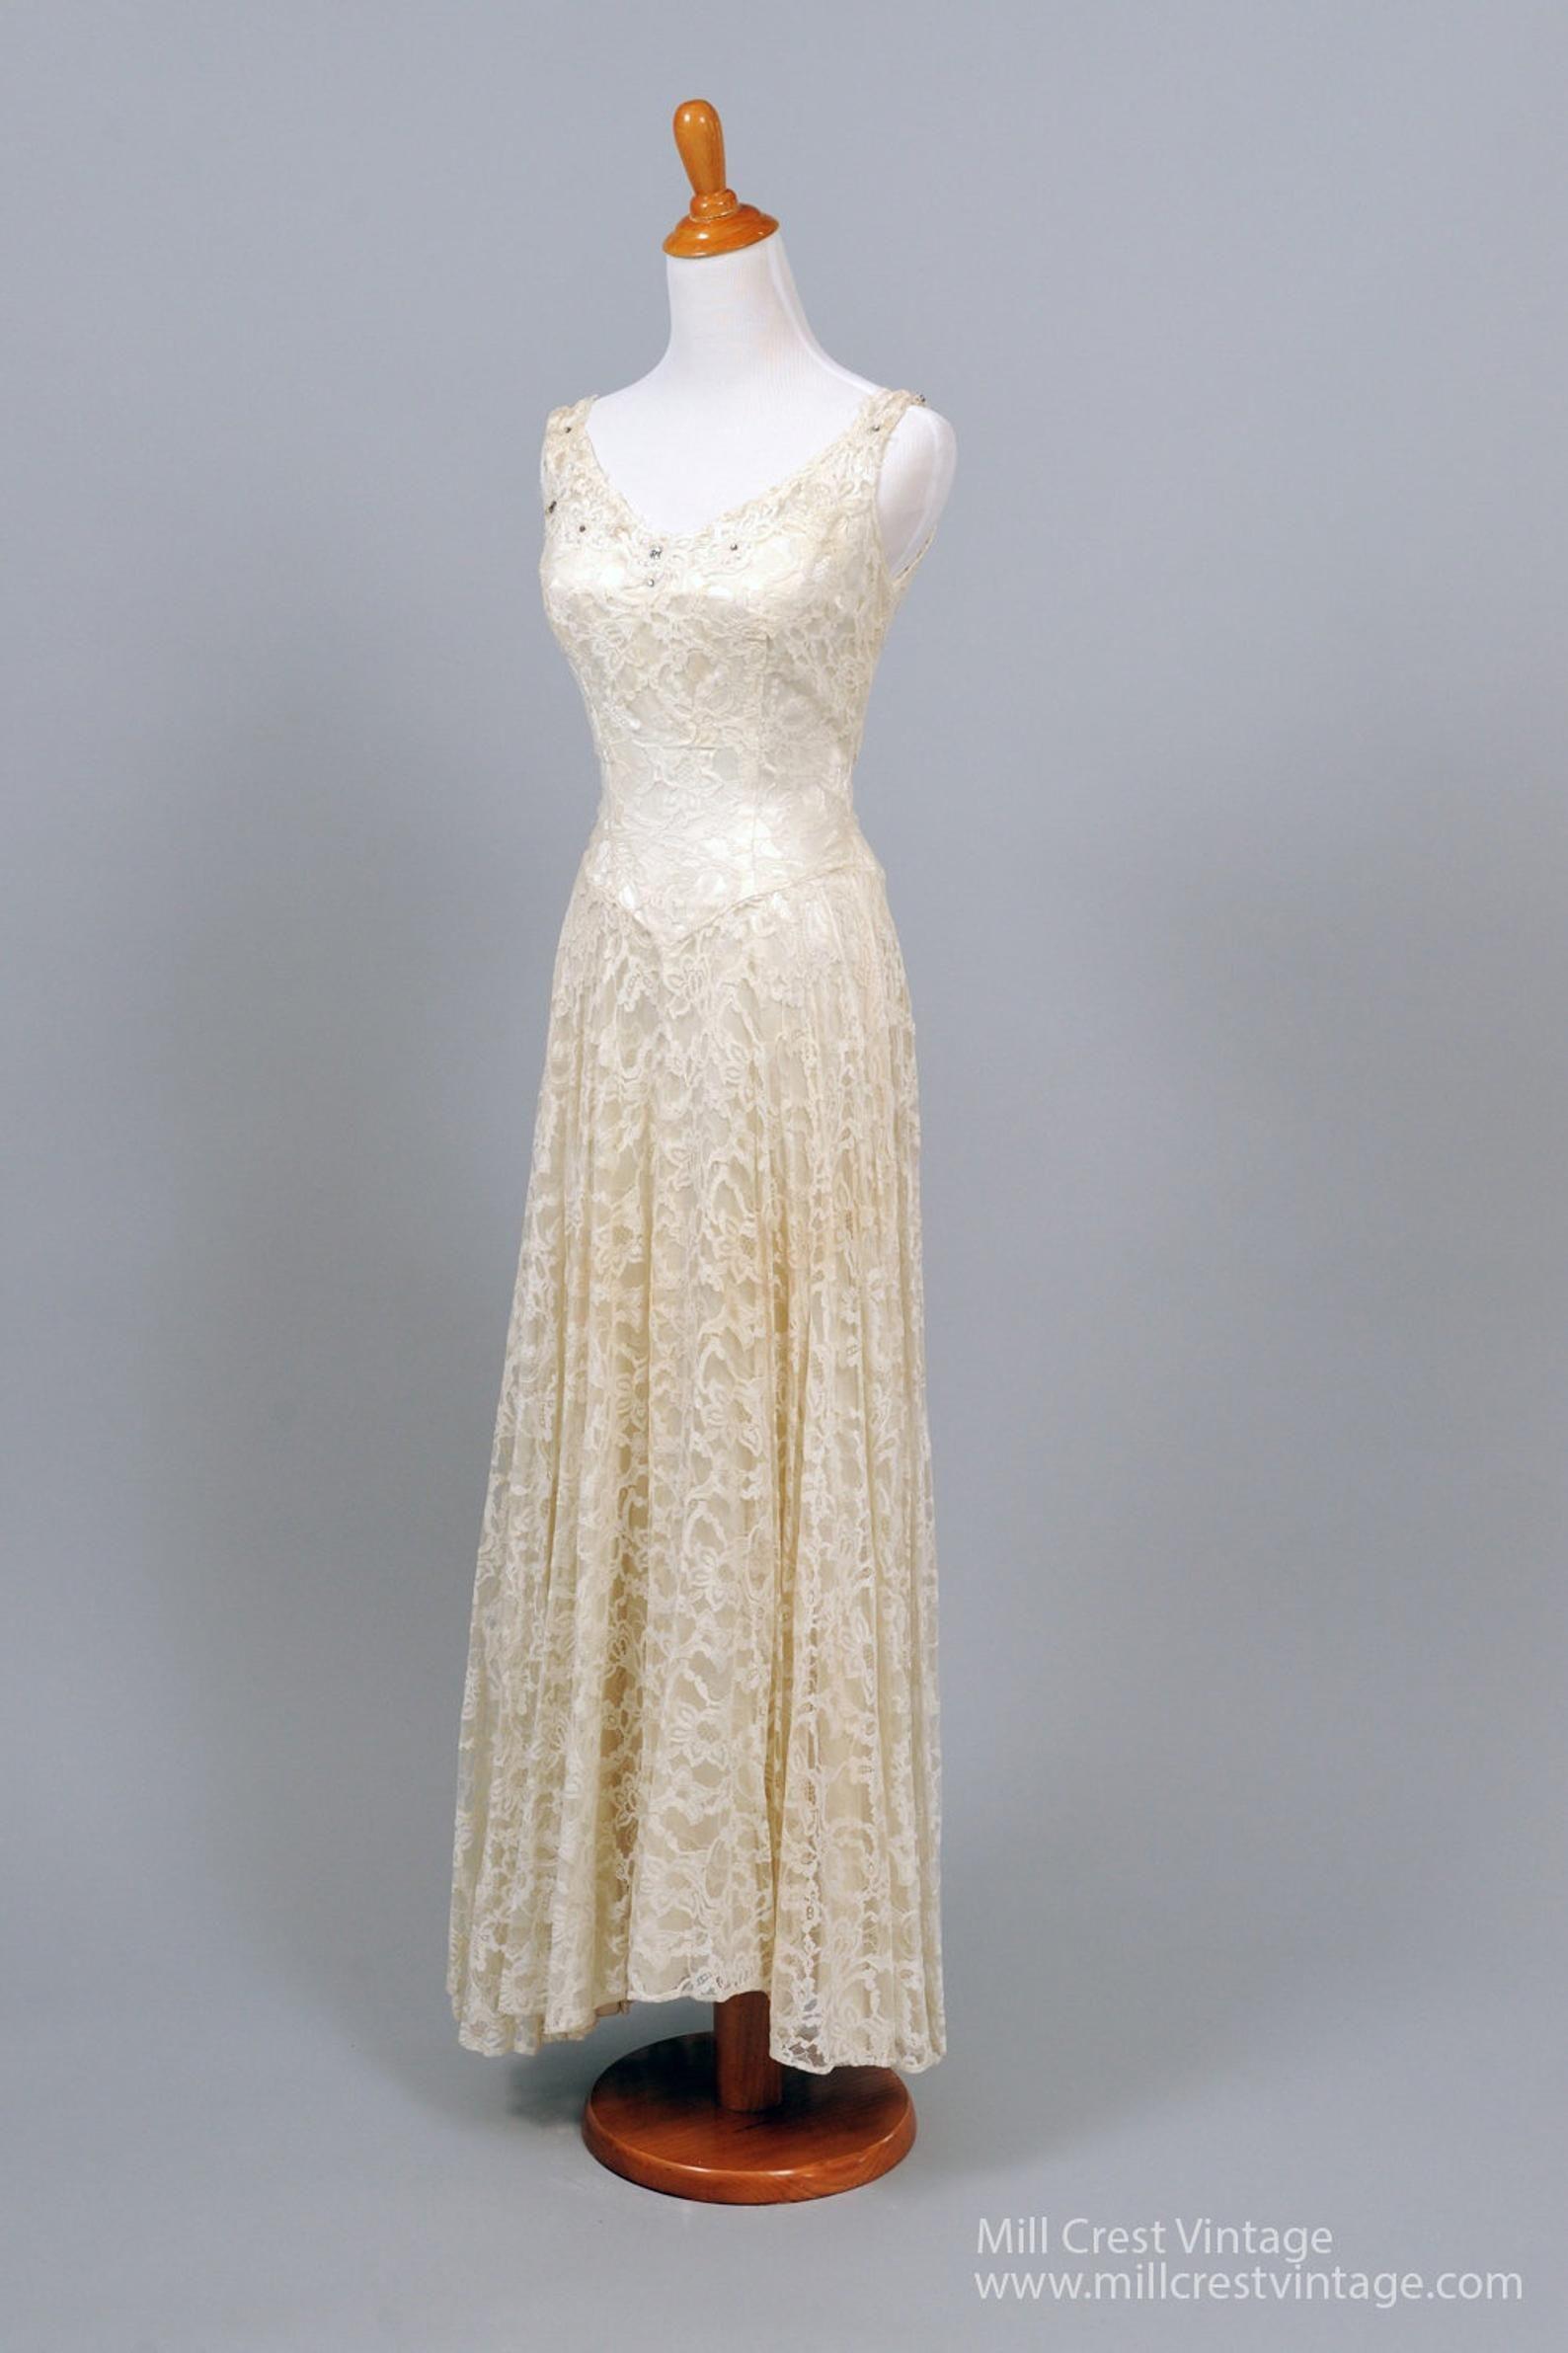 Abiti Da Sposa 1950.Vestiti Abiti Da Sposa E Coordinati 1950 Lace And Rhinestone